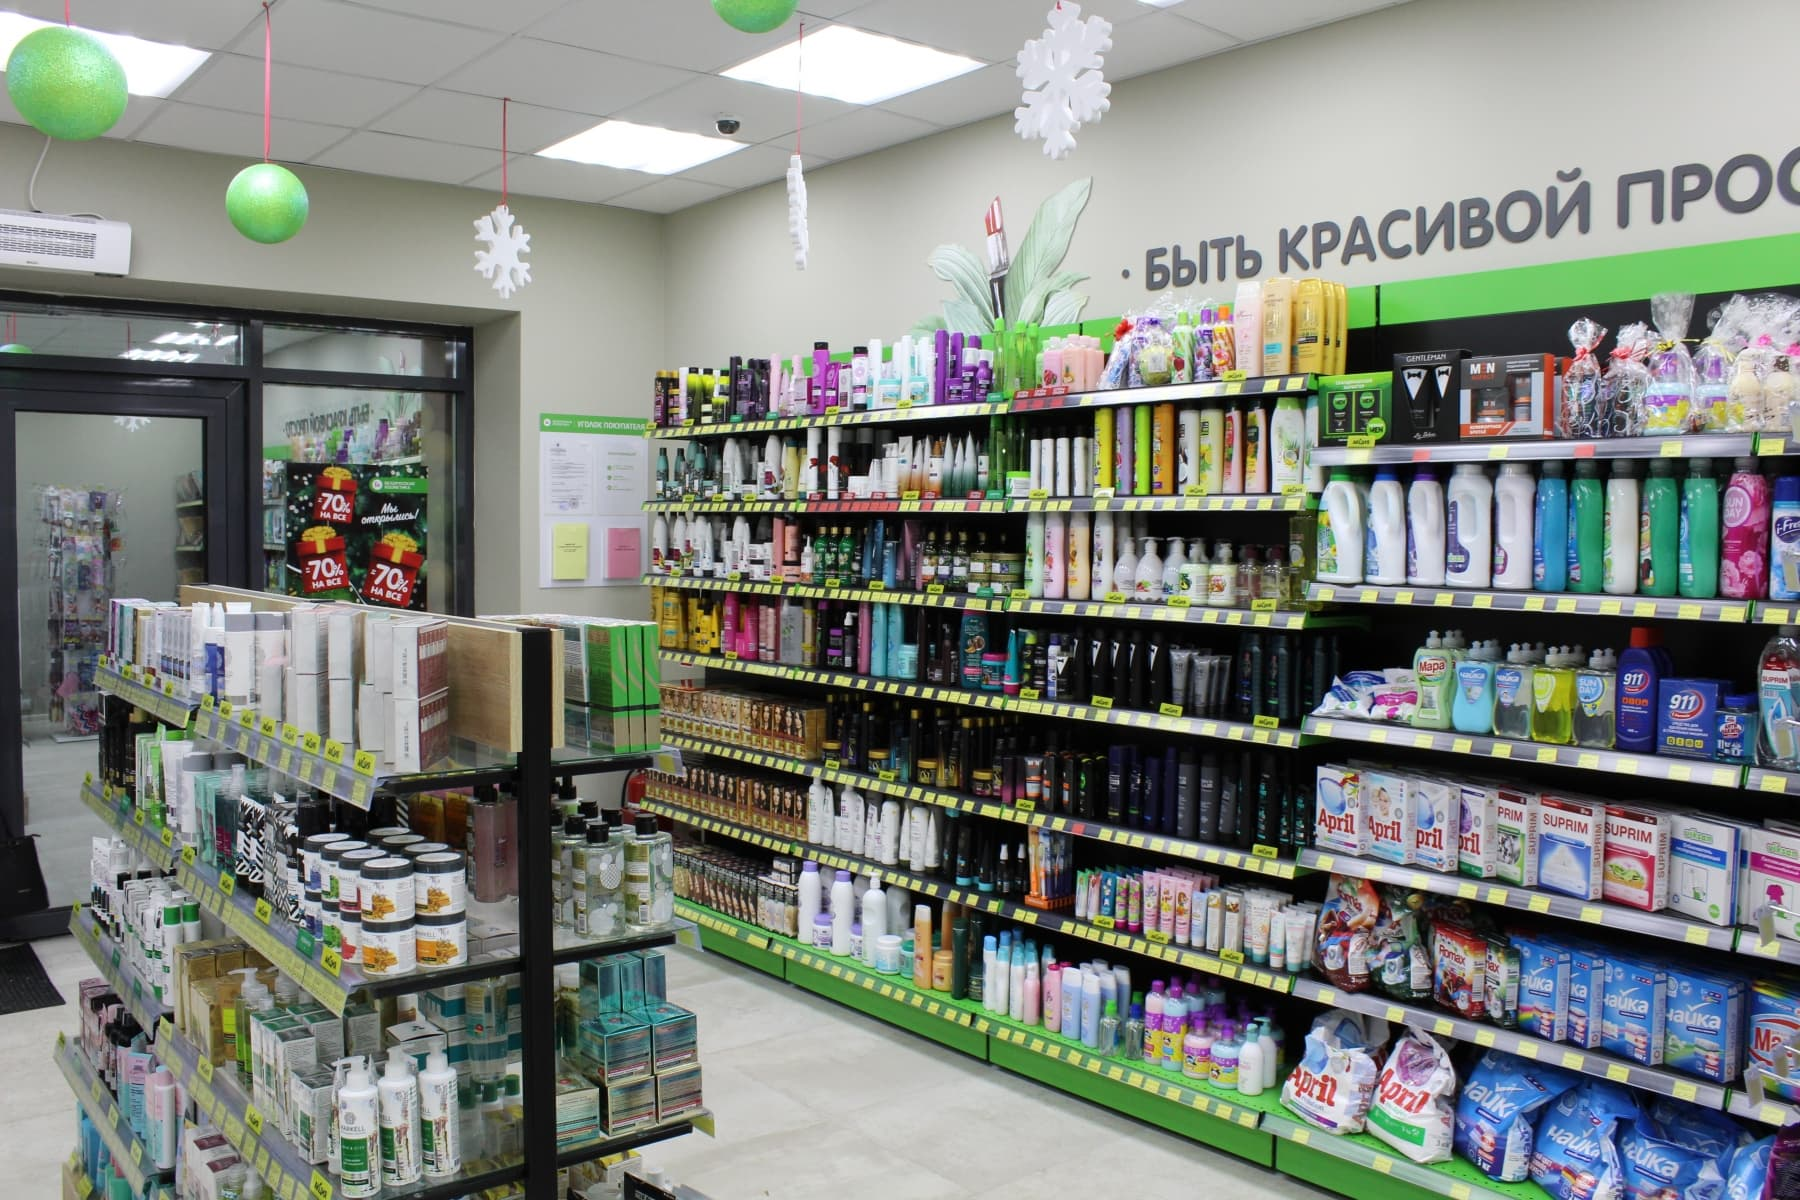 Где купить в киеве белорусскую косметику косметика ахава израиль купить в